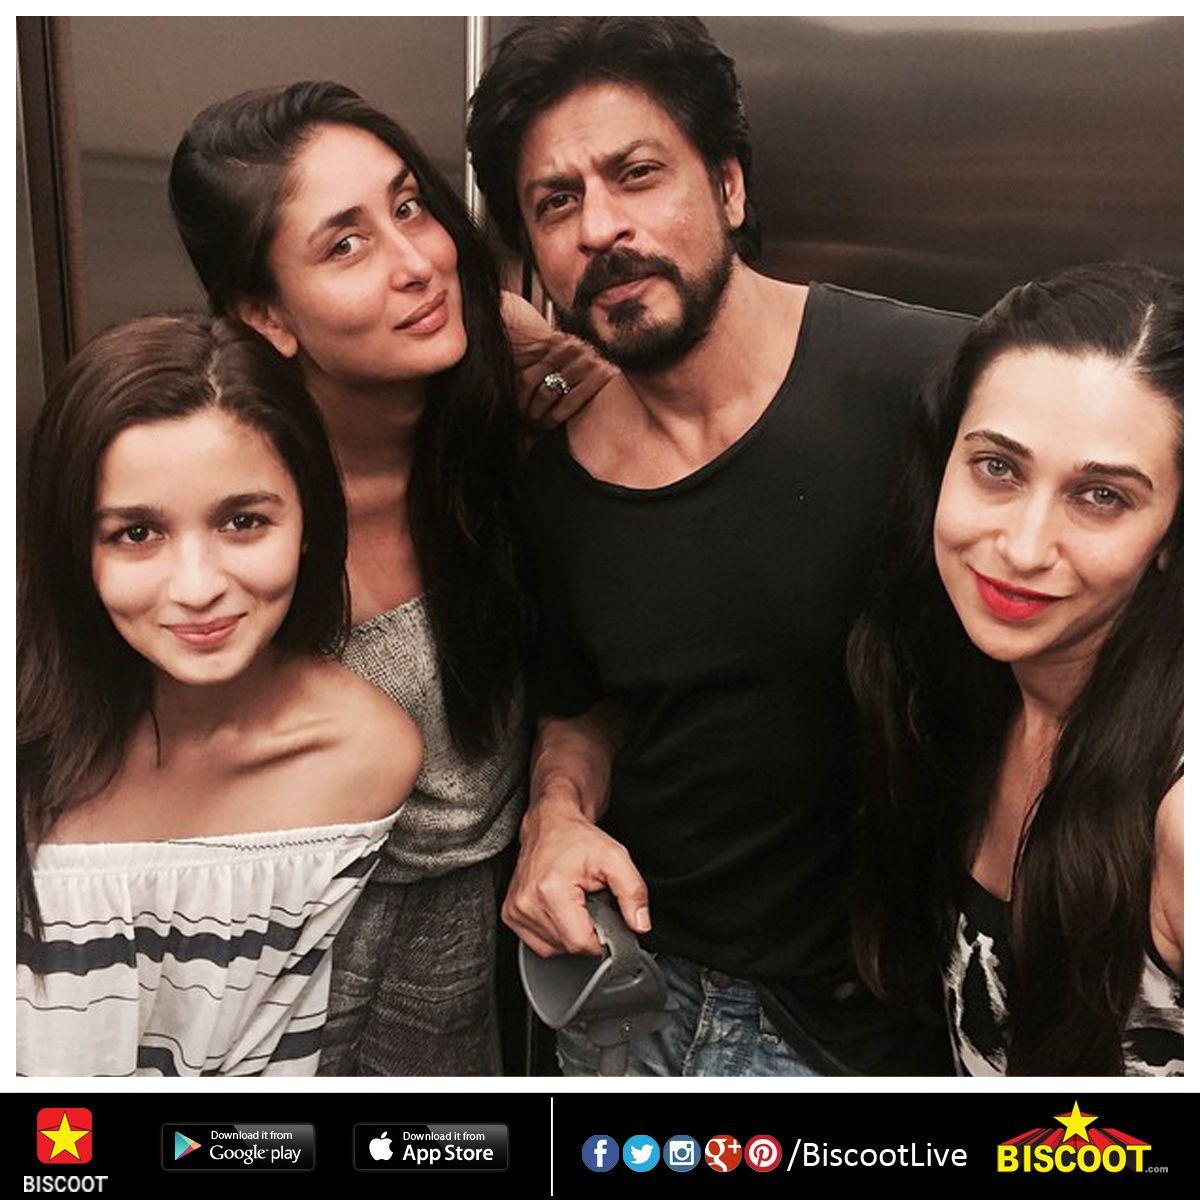 #SRK parties with B-town beauties - #AliaBhatt, #KareenaKapoor & #KarismaKapoor. www.biscoot.com